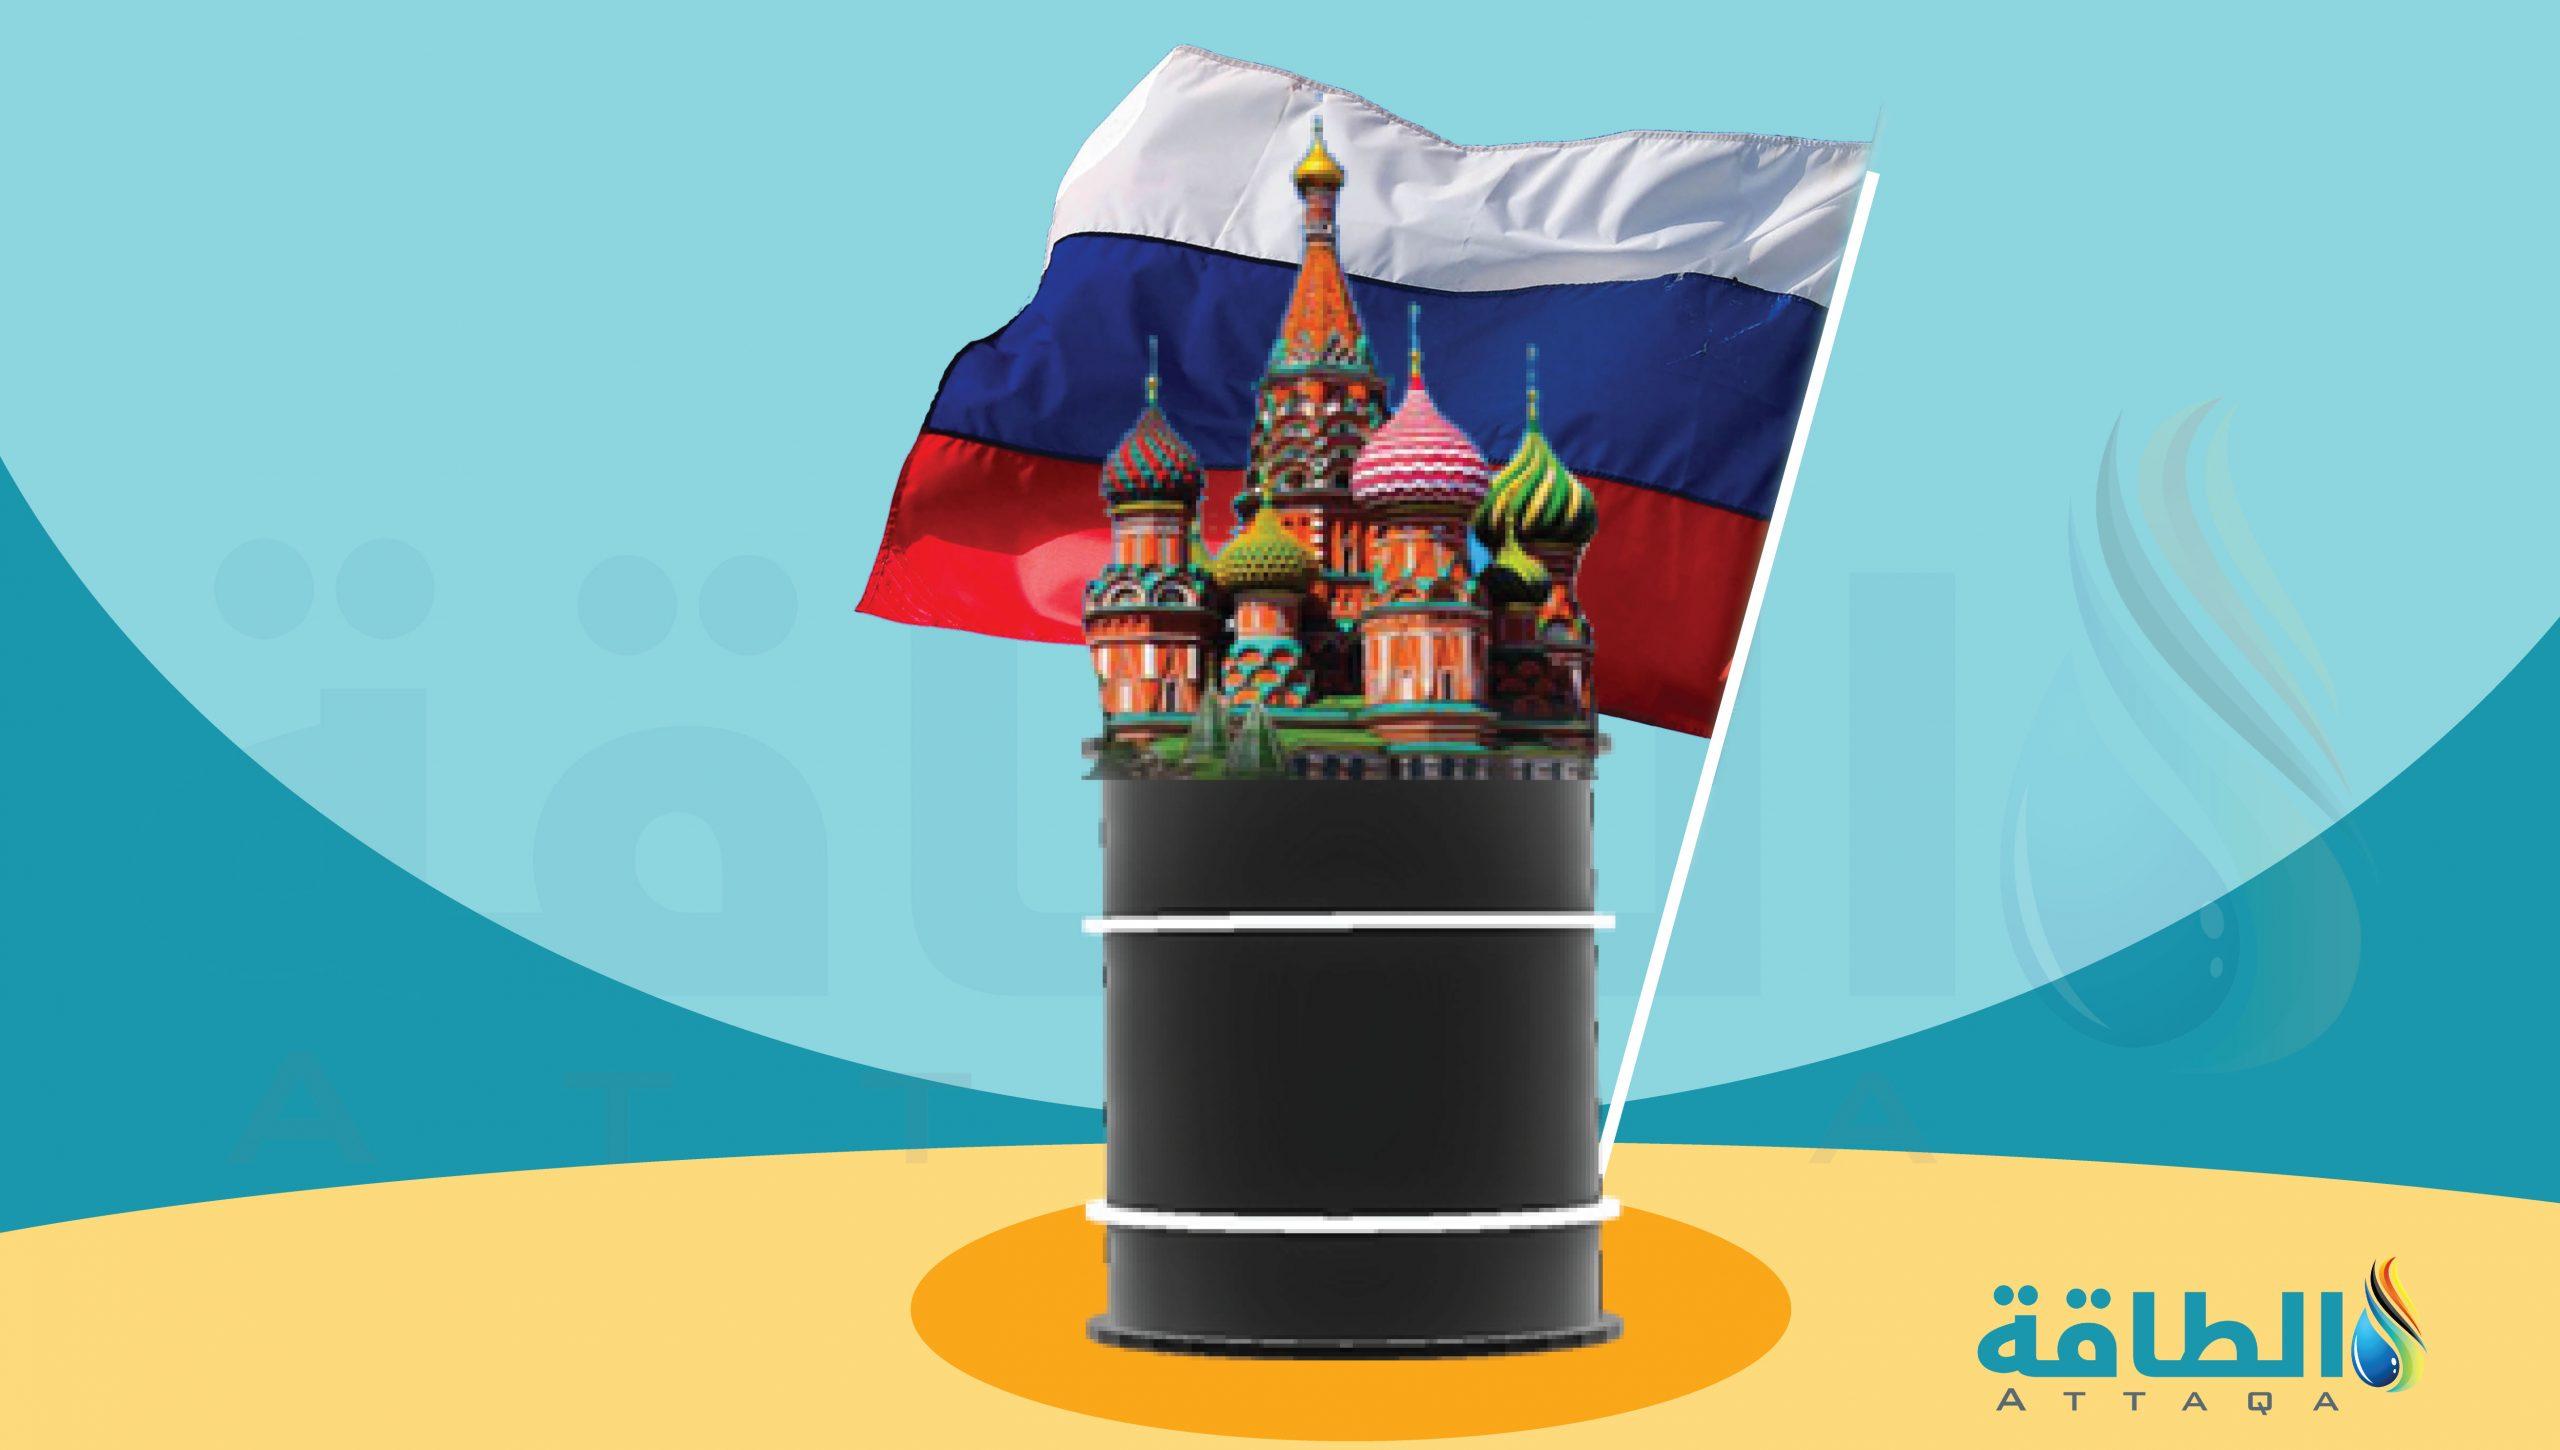 قصة اكتشاف النفط في روسيا روسيا وبيلاروسيا